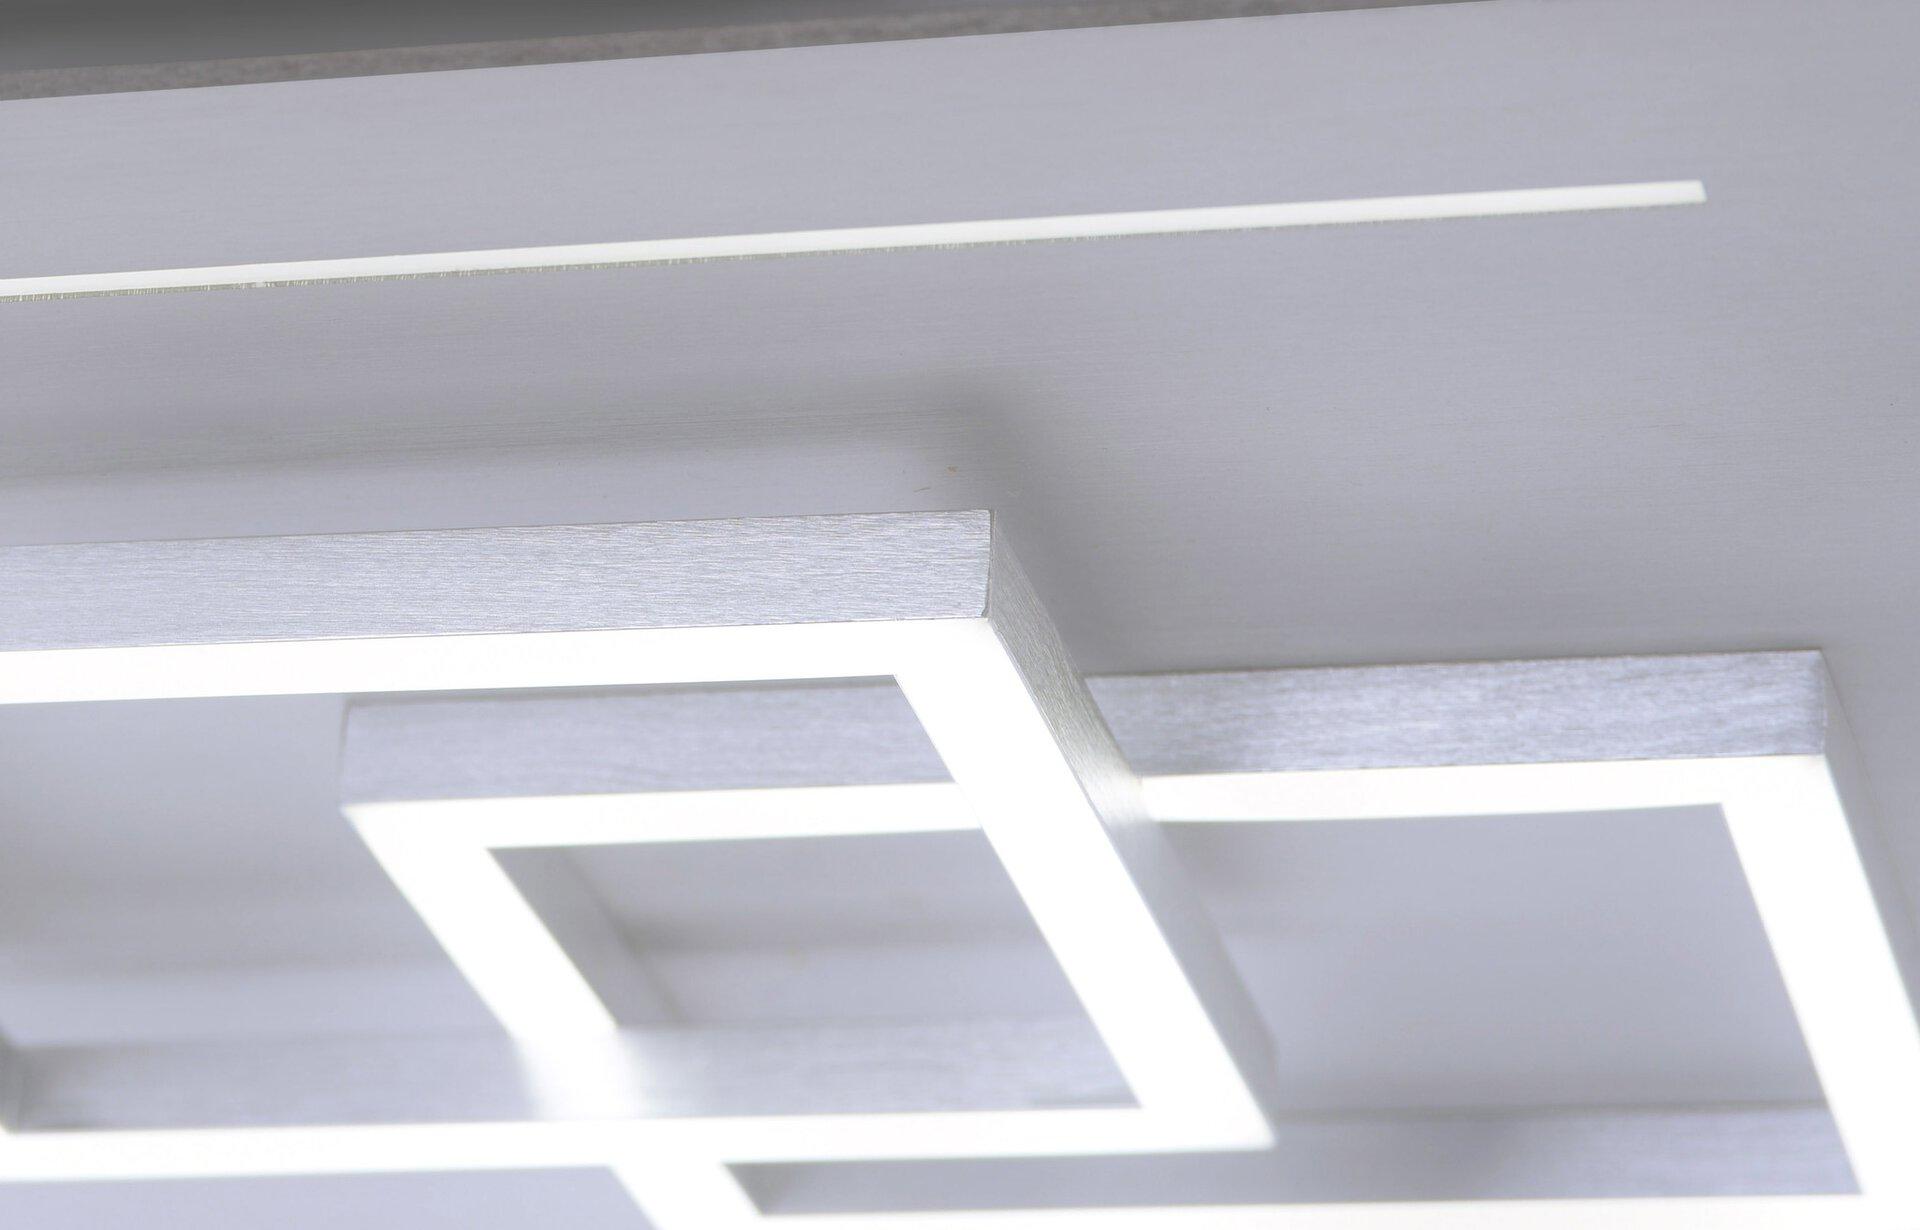 Smart-Home-Leuchten Q-LINEA Paul Neuhaus Metall silber 40 x 7 x 40 cm